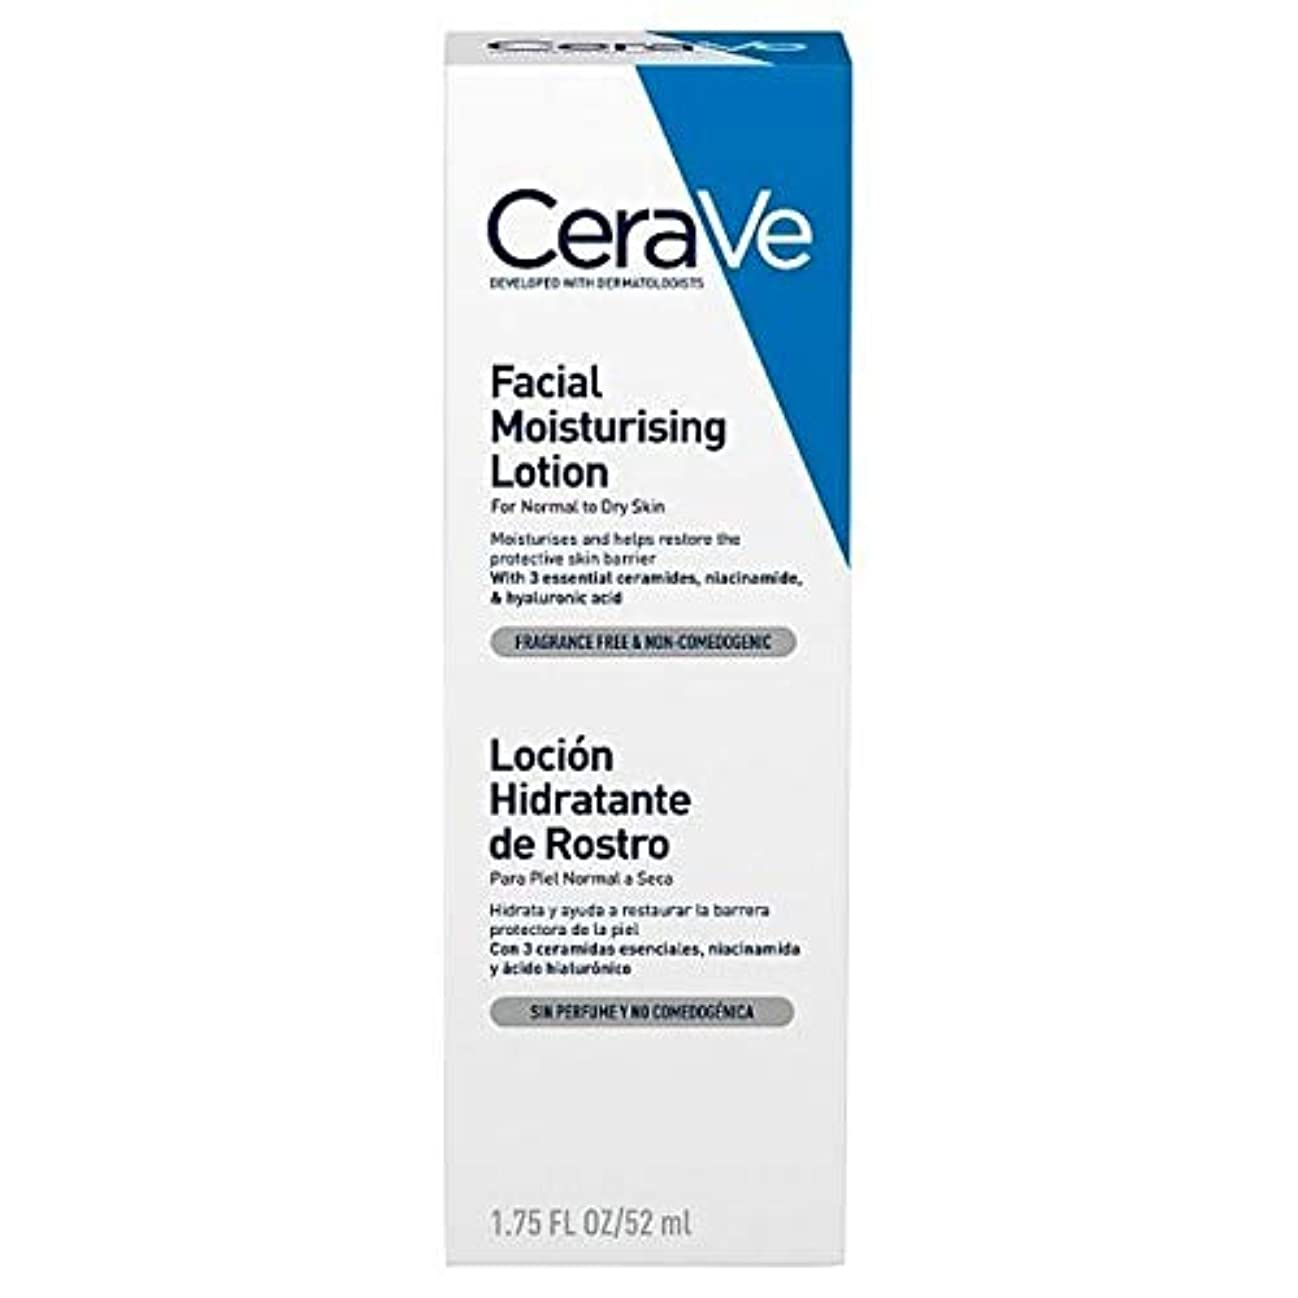 優越余裕がある市長[CeraVe] Cerave顔の保湿ローション52ミリリットル - CeraVe Facial Moisturising Lotion 52ml [並行輸入品]